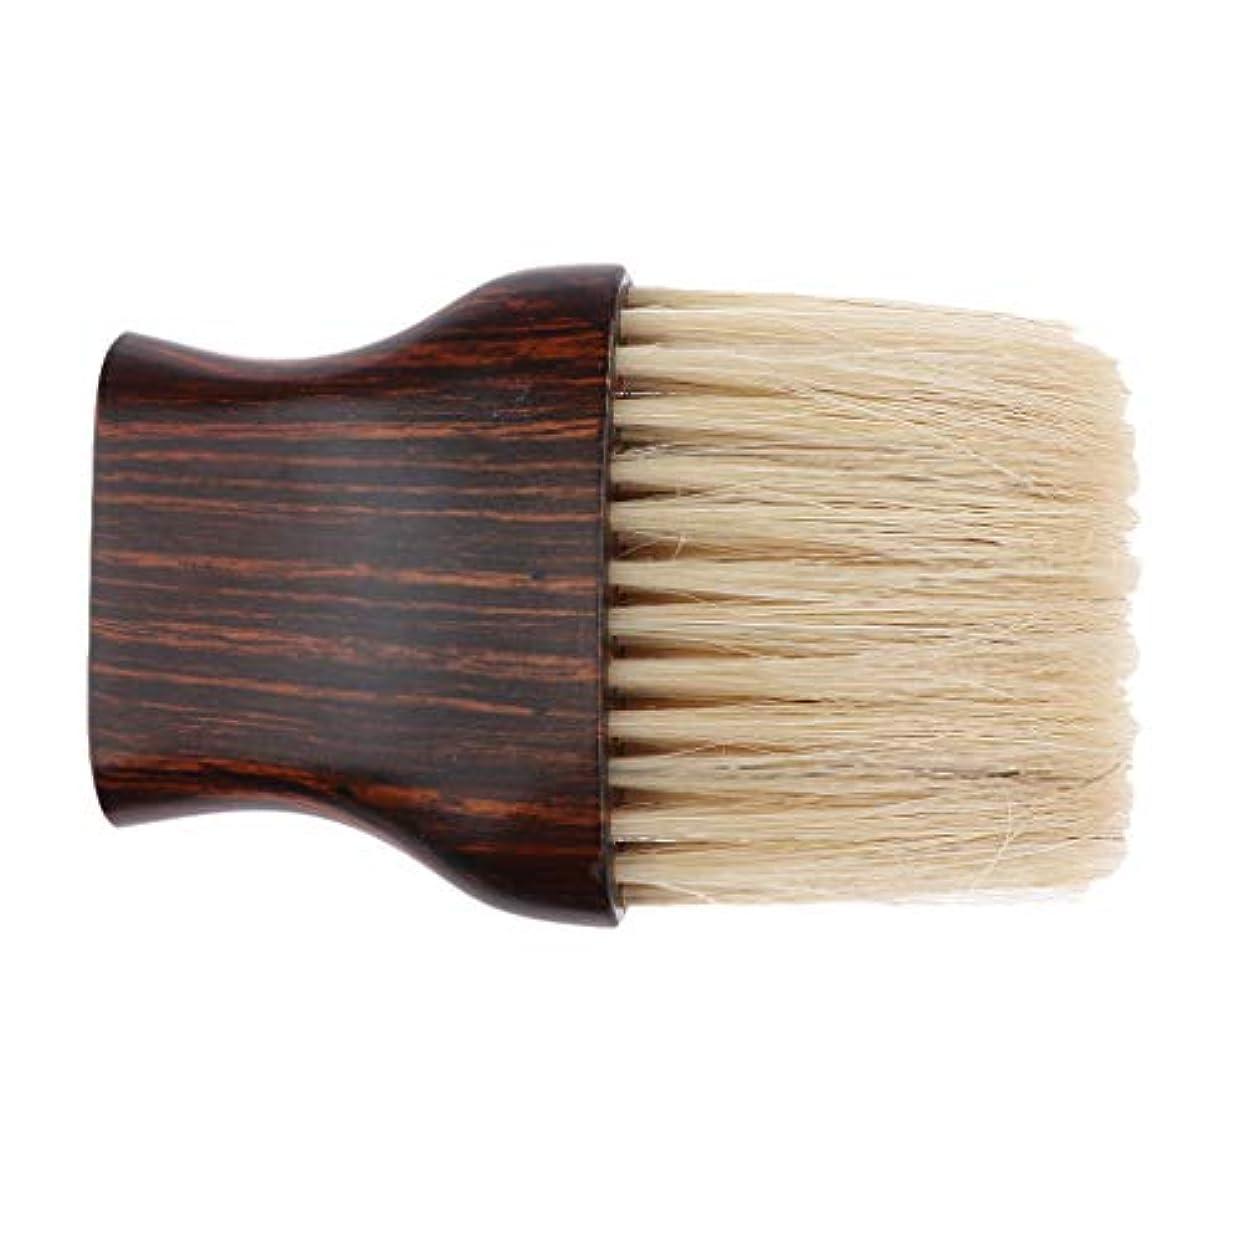 挨拶する価値のない拾うPerfeclan ヘアブラシ 毛払いブラシ 木製ハンドル 散髪 髪切り 散髪用ツール 理髪店 美容院 ソフトブラシ